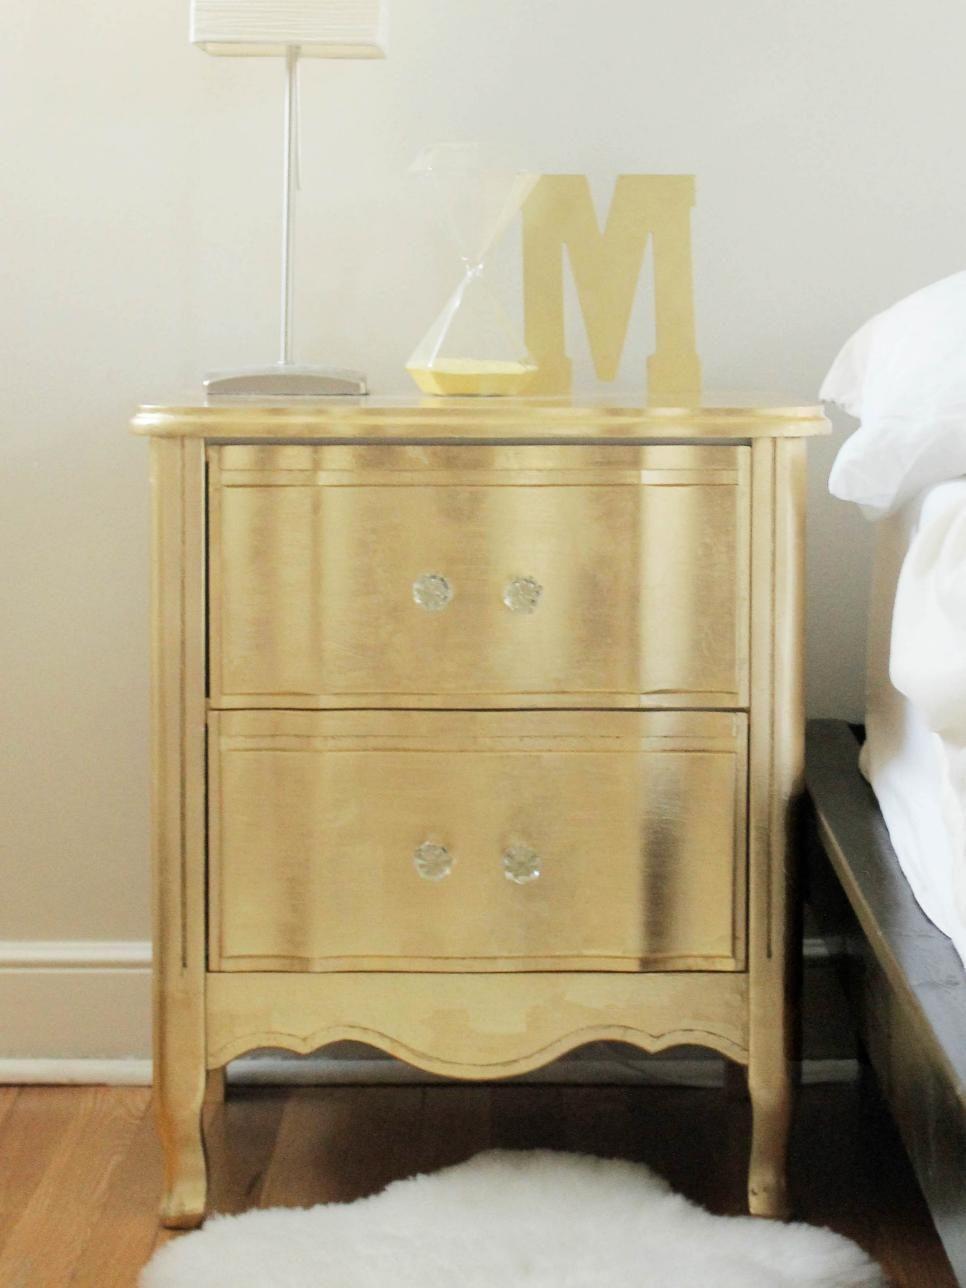 Ideas For Updating An Old Bedside Tables Vintage Furniture Diy